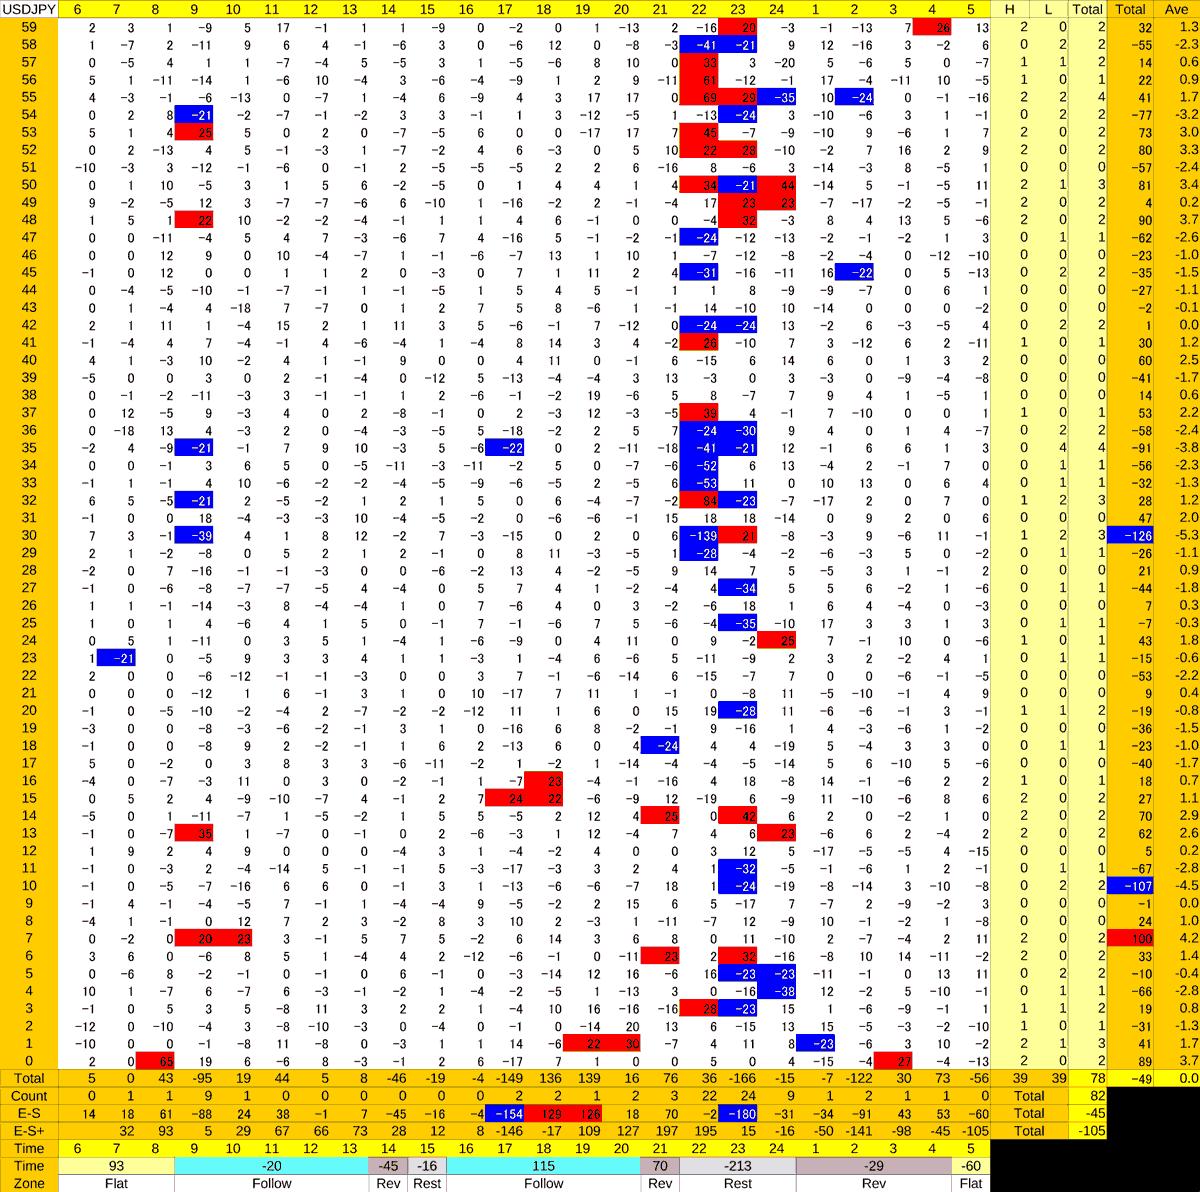 20210205_HS(1)USDJPY